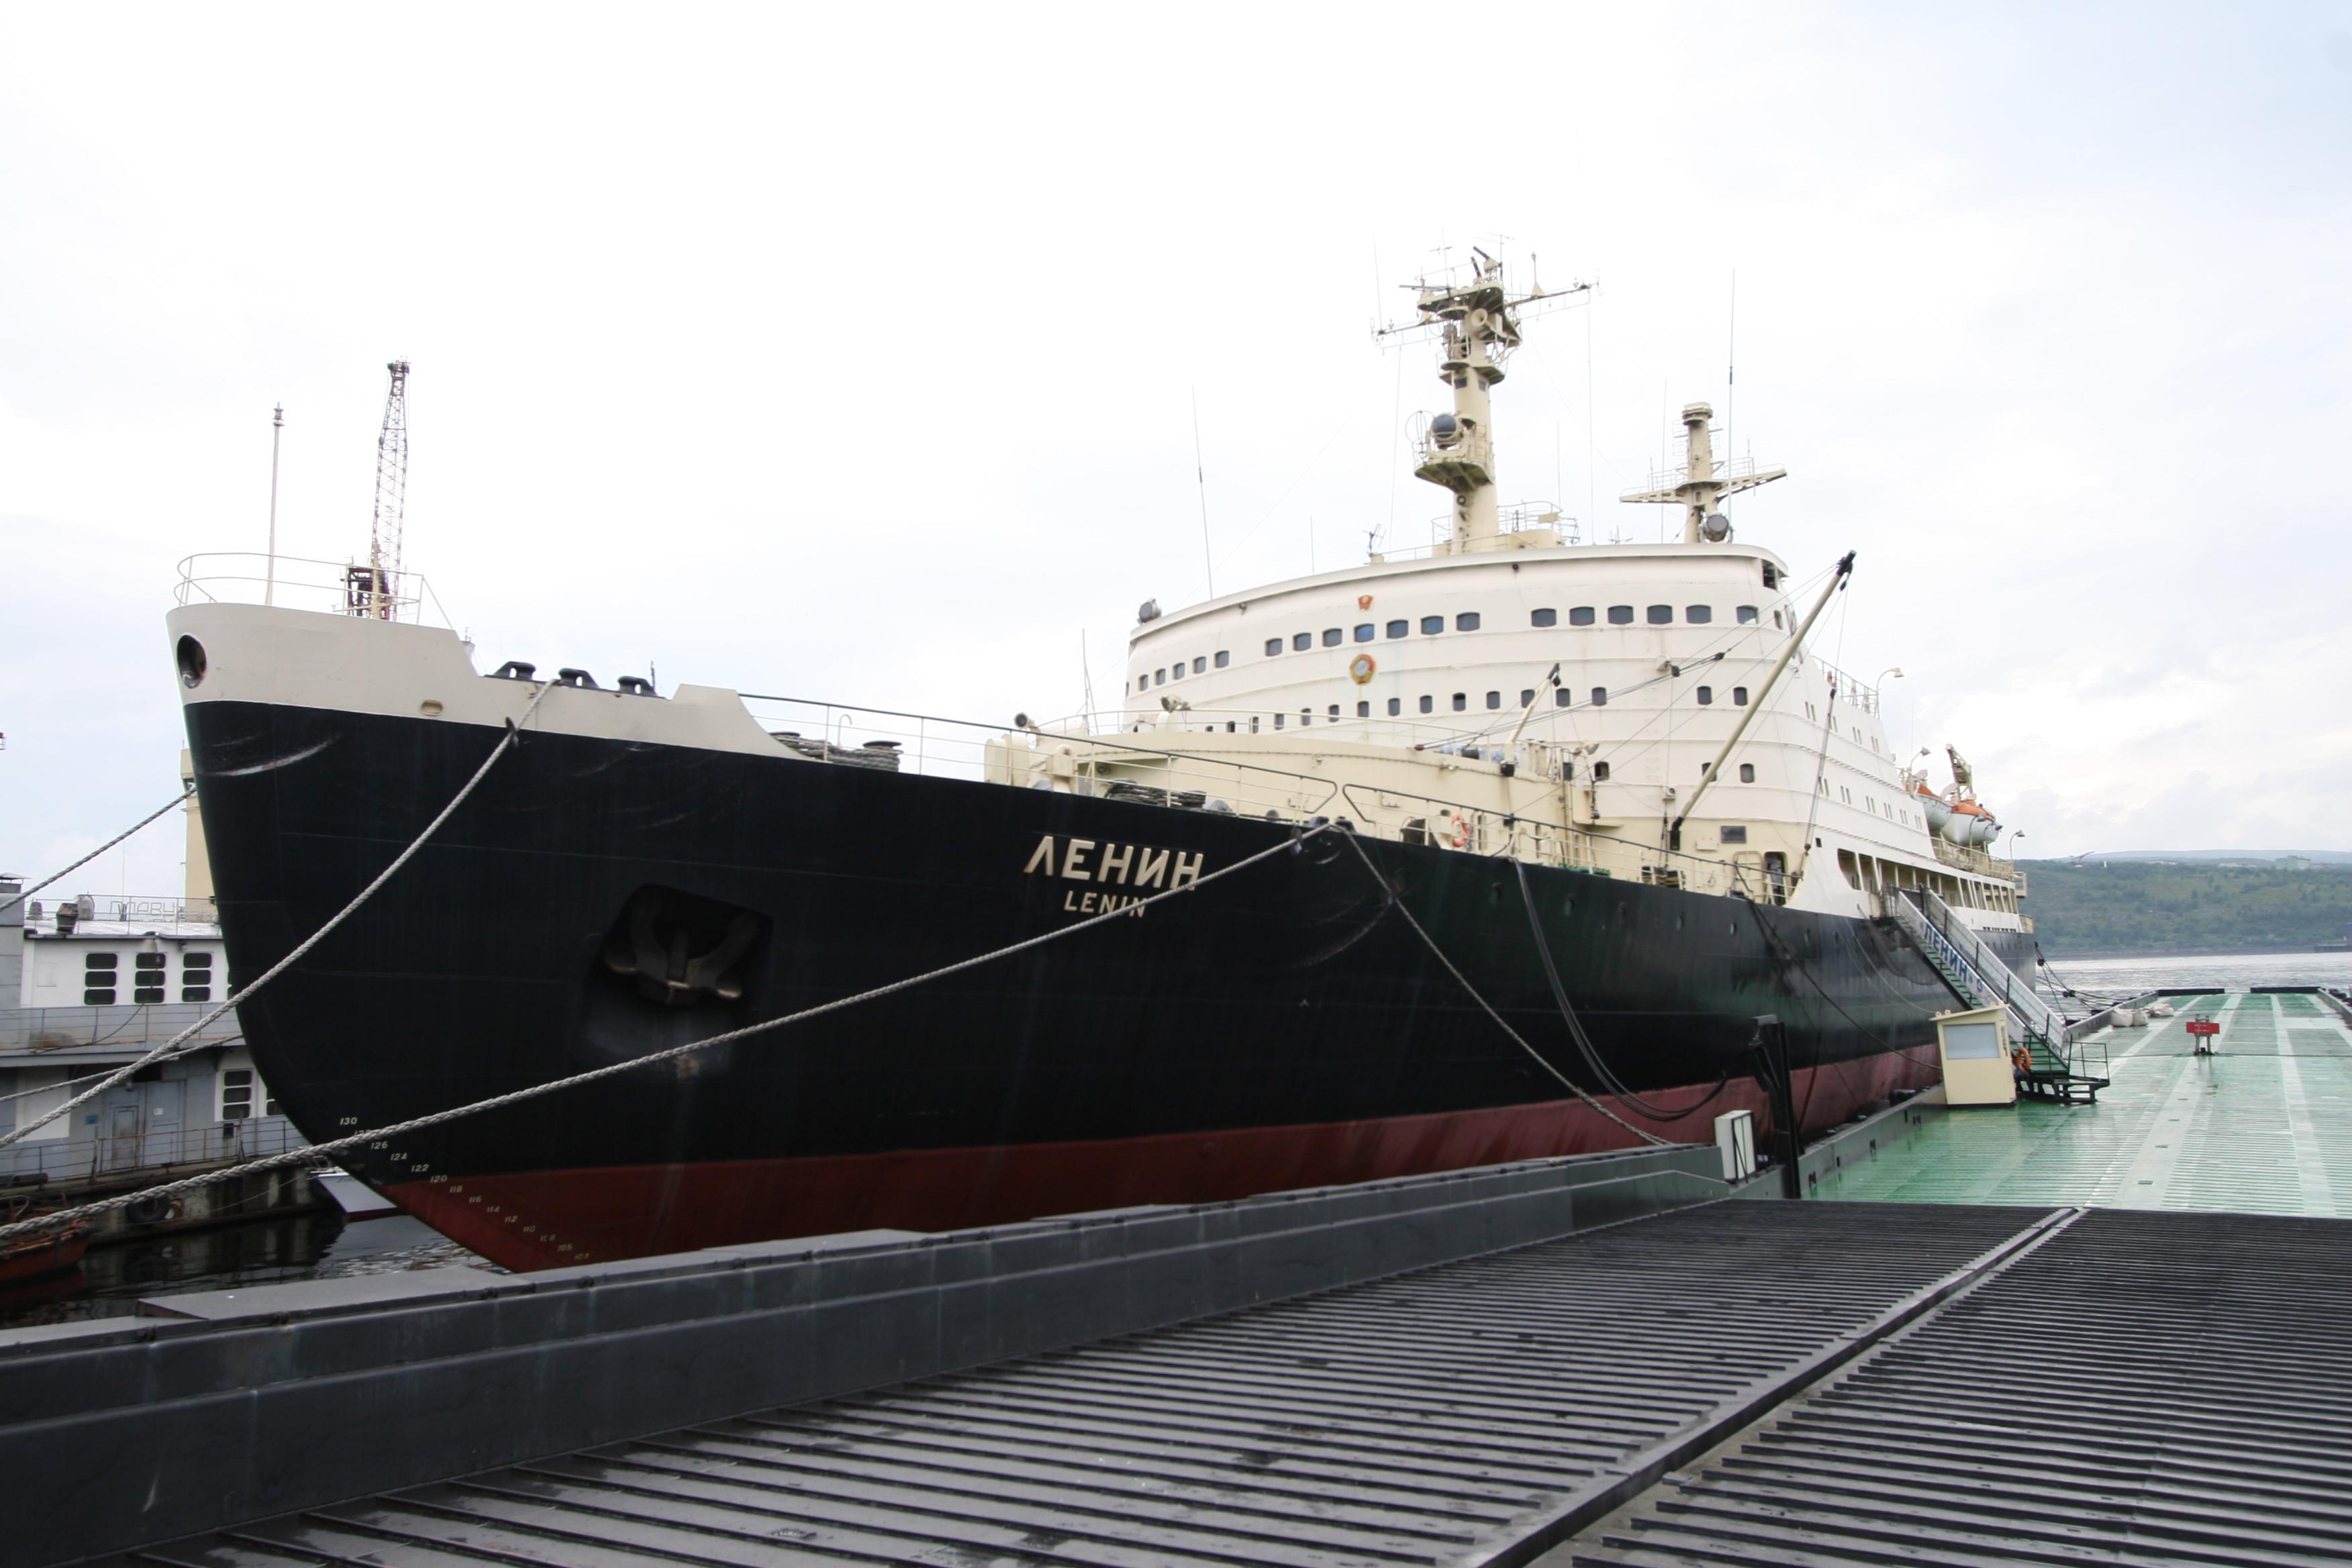 Russian icebreaker Lenin in Murmansk. Photo taken on August 13, 2009.